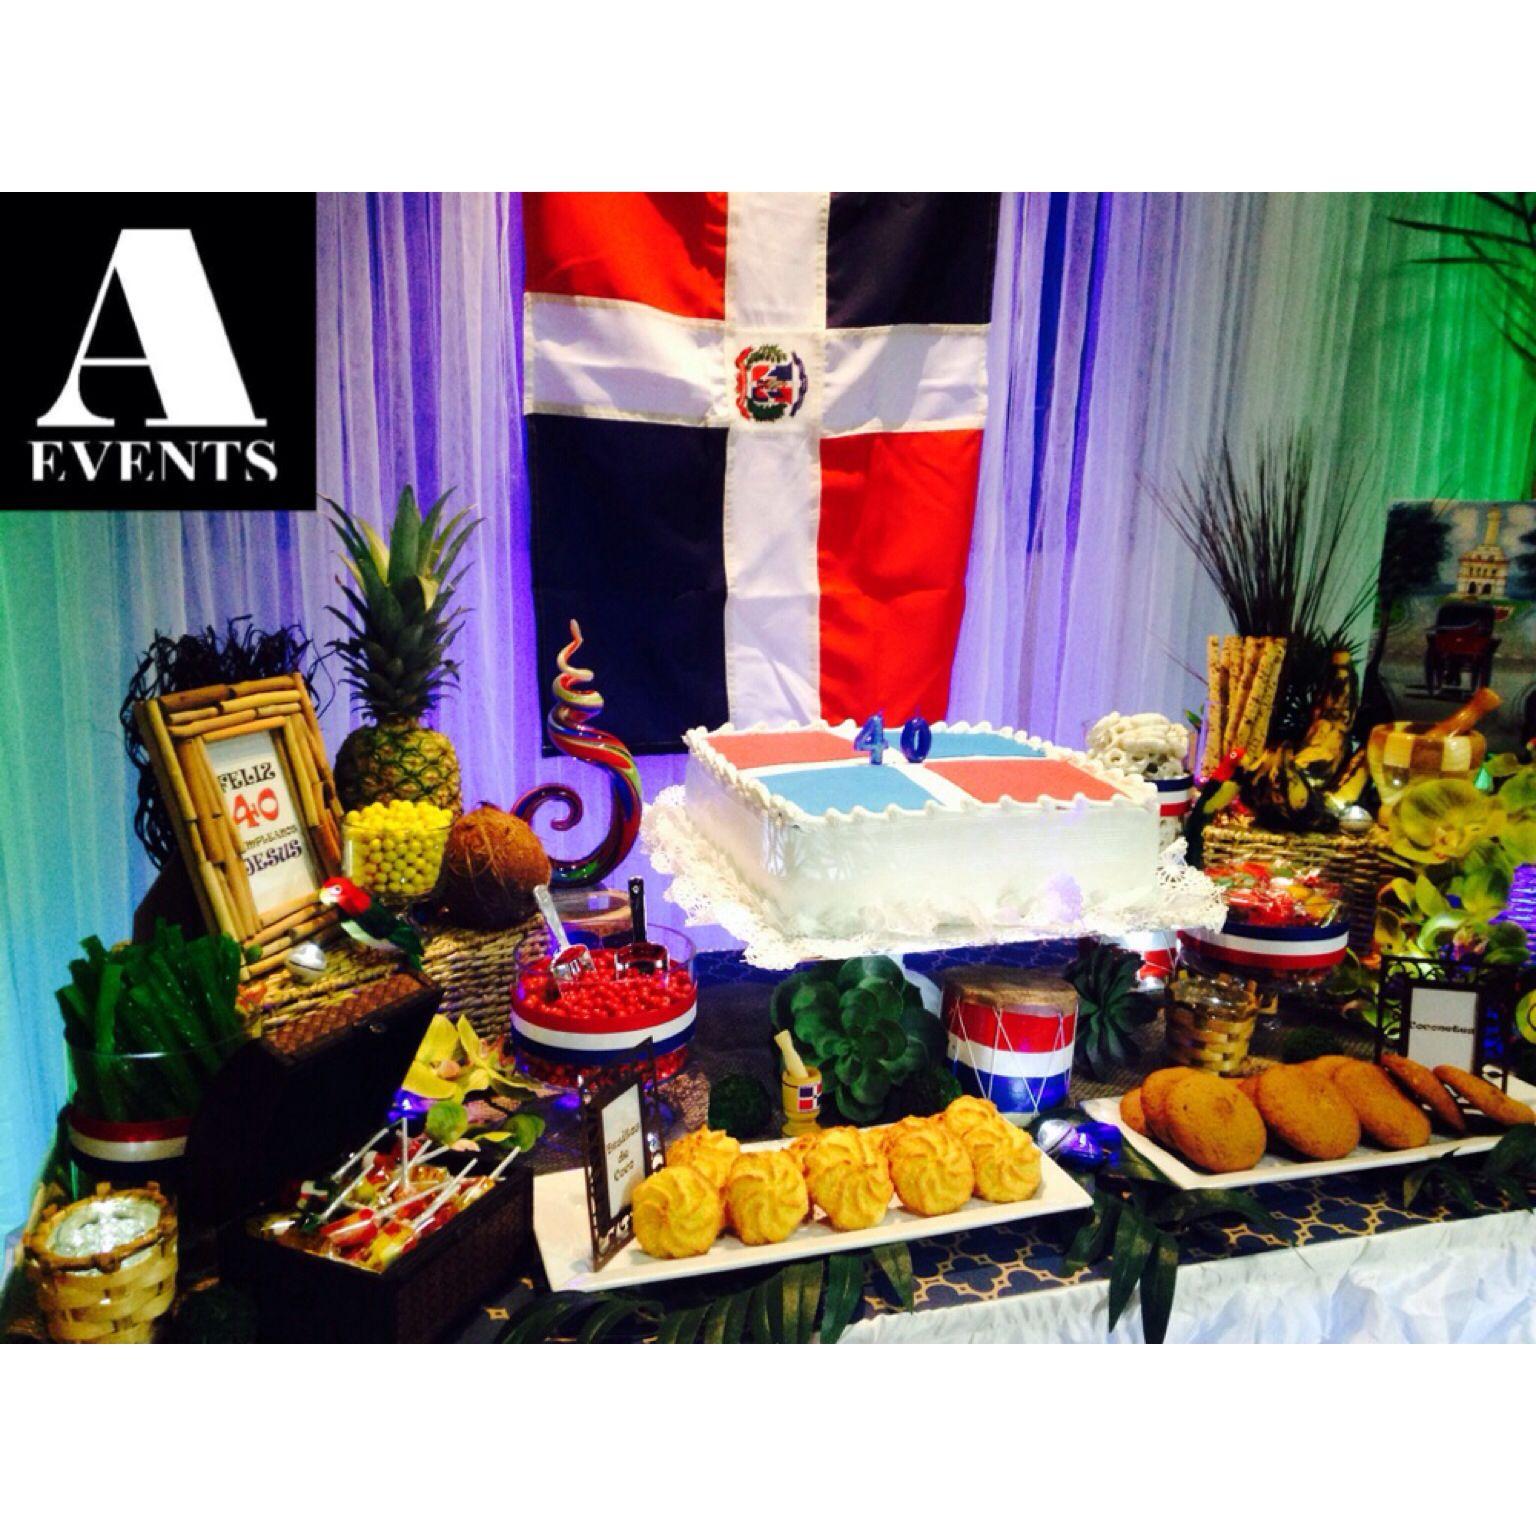 #aevent#dominican#dominicanrepublic#Caribbean#theme#bday#dr#bizcocho